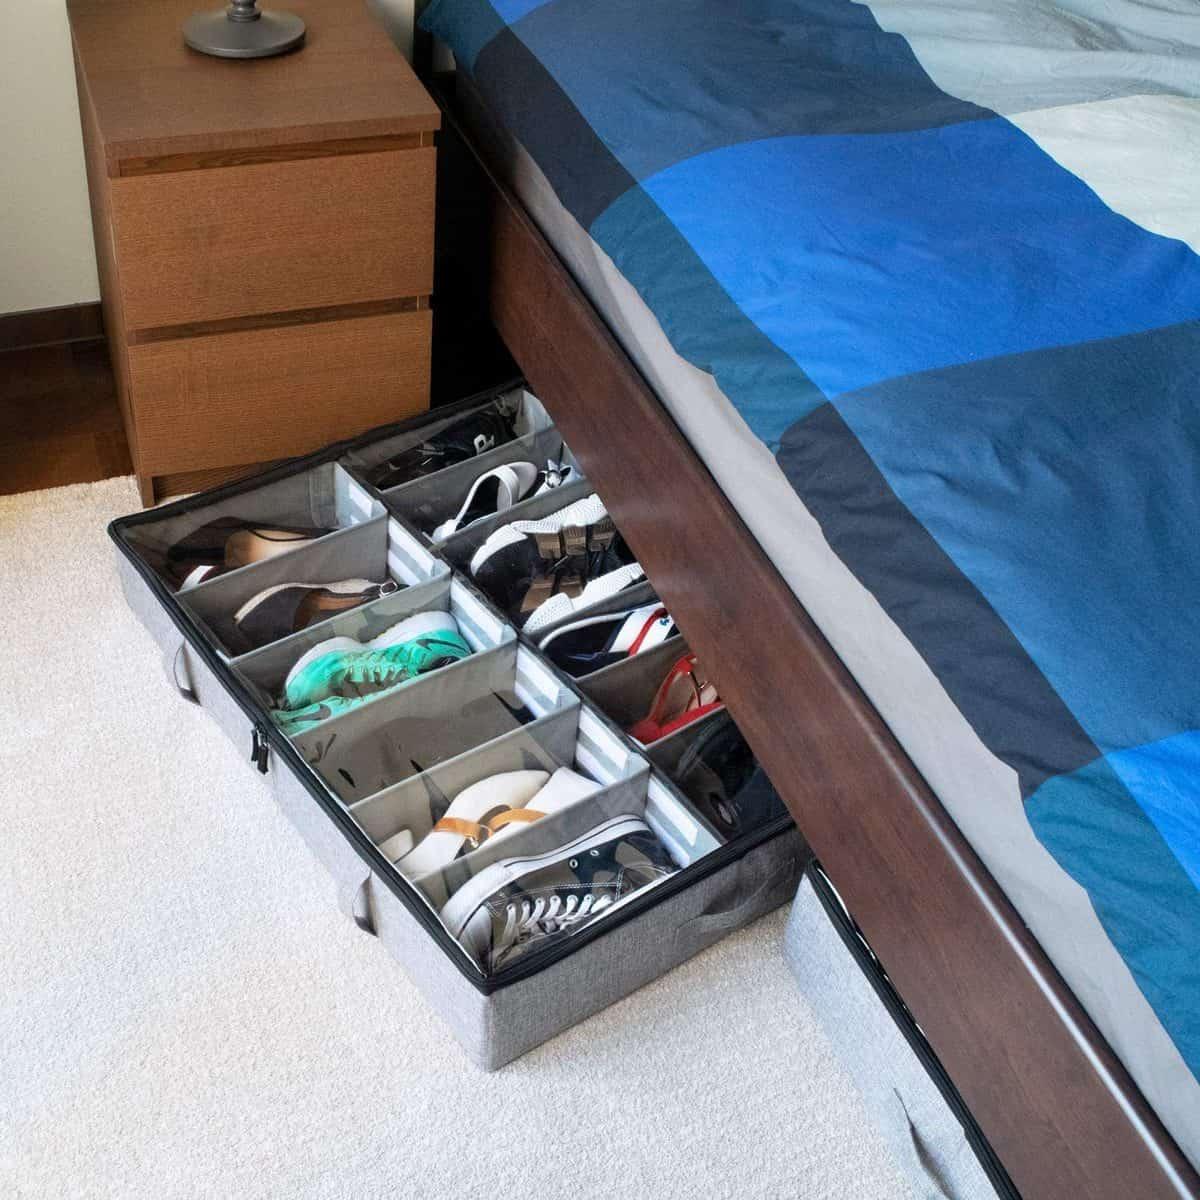 StorageLab Under-the-Bed Shoe-Storage Organizer